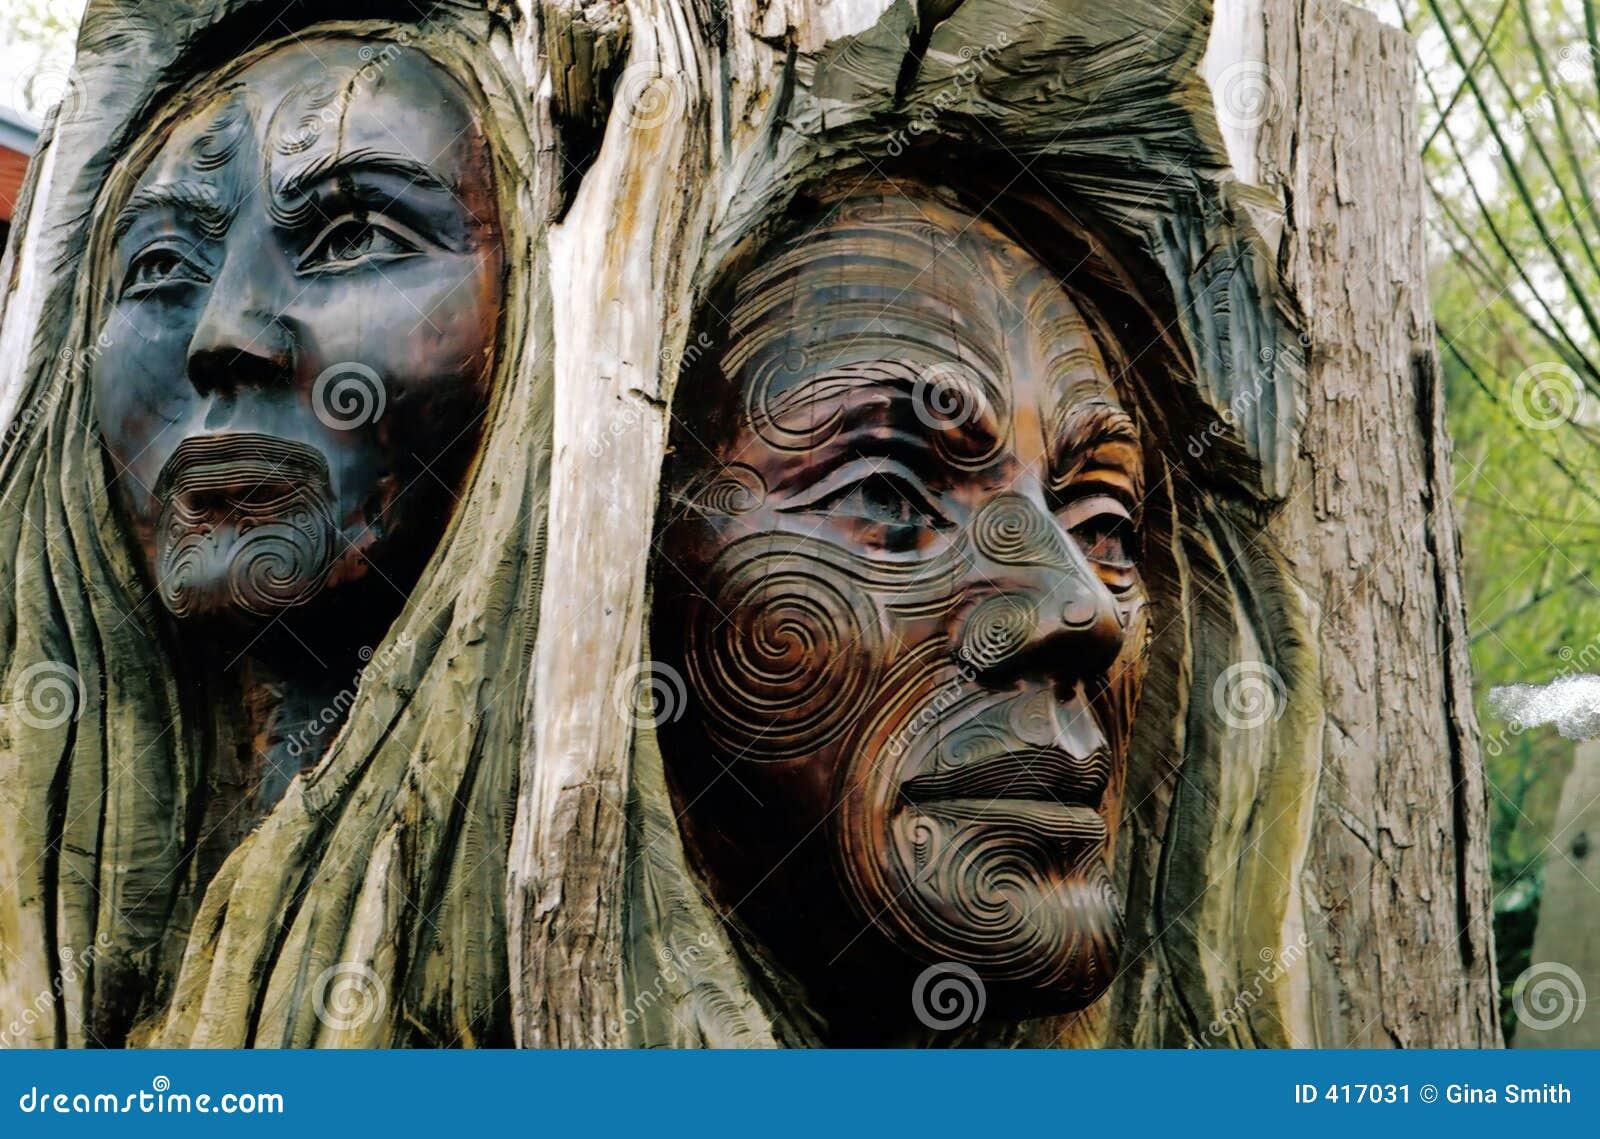 毛利人的雕刻